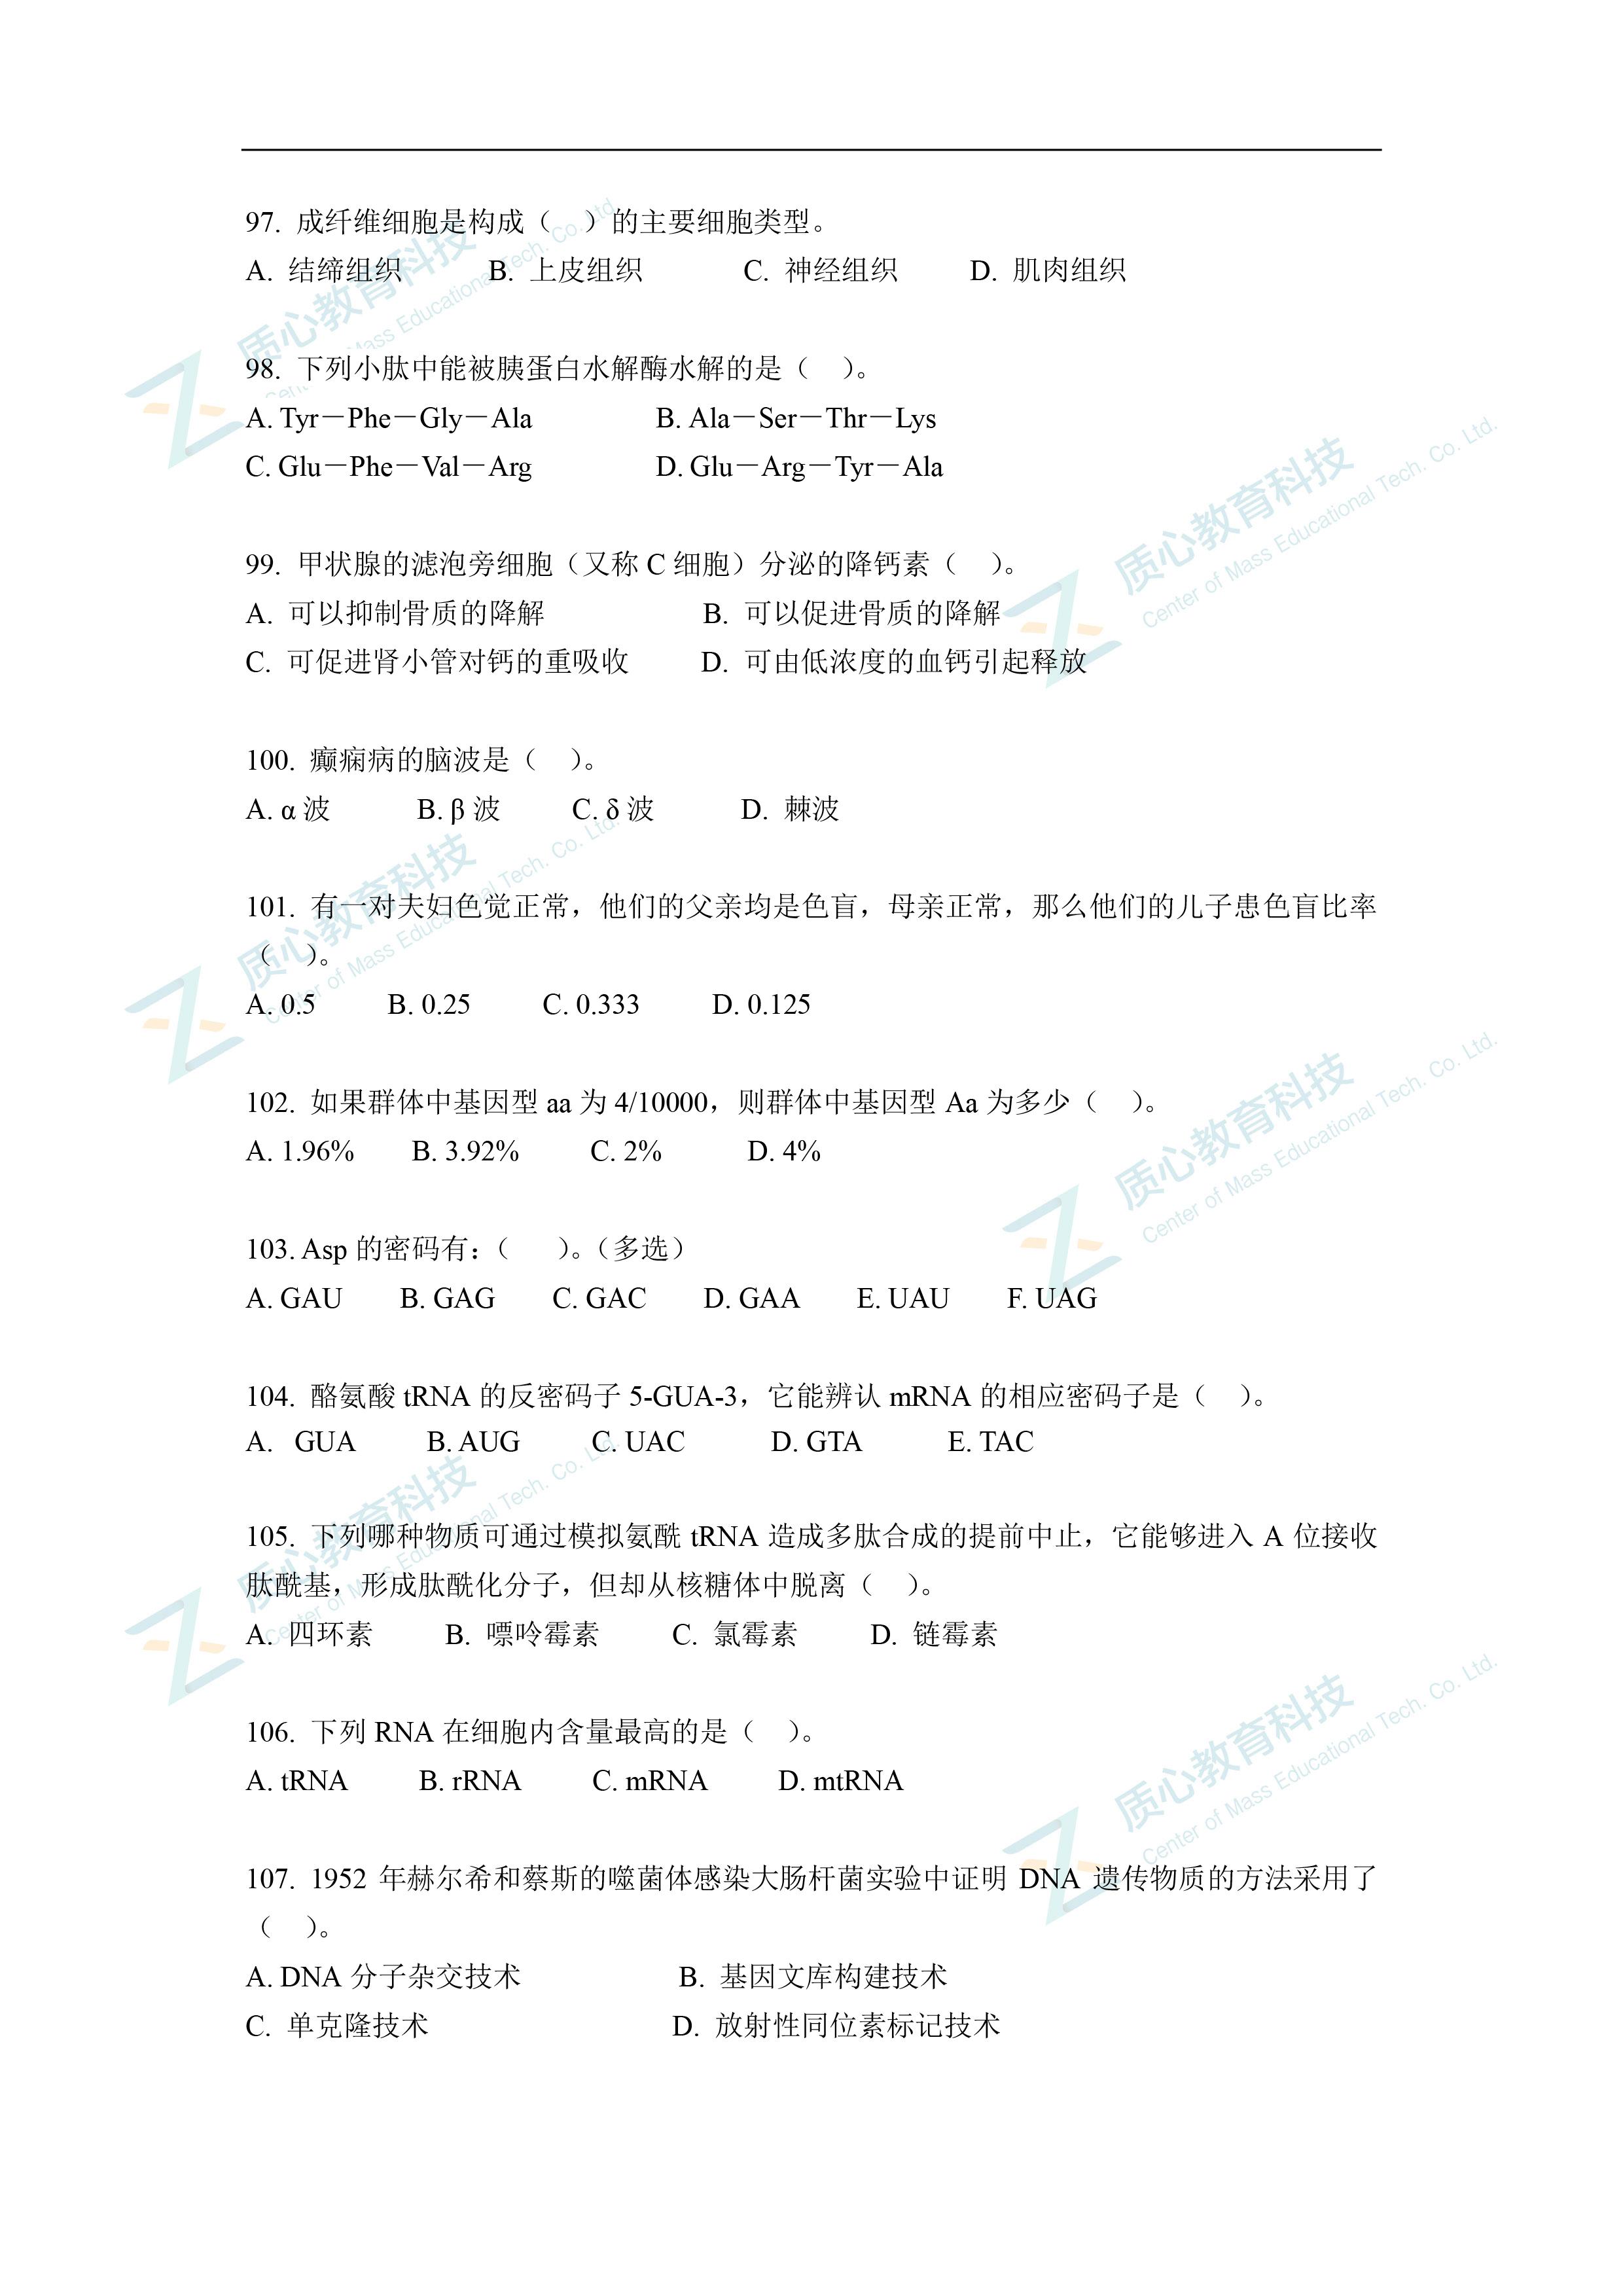 02-2015清华金秋营笔试模拟题-10